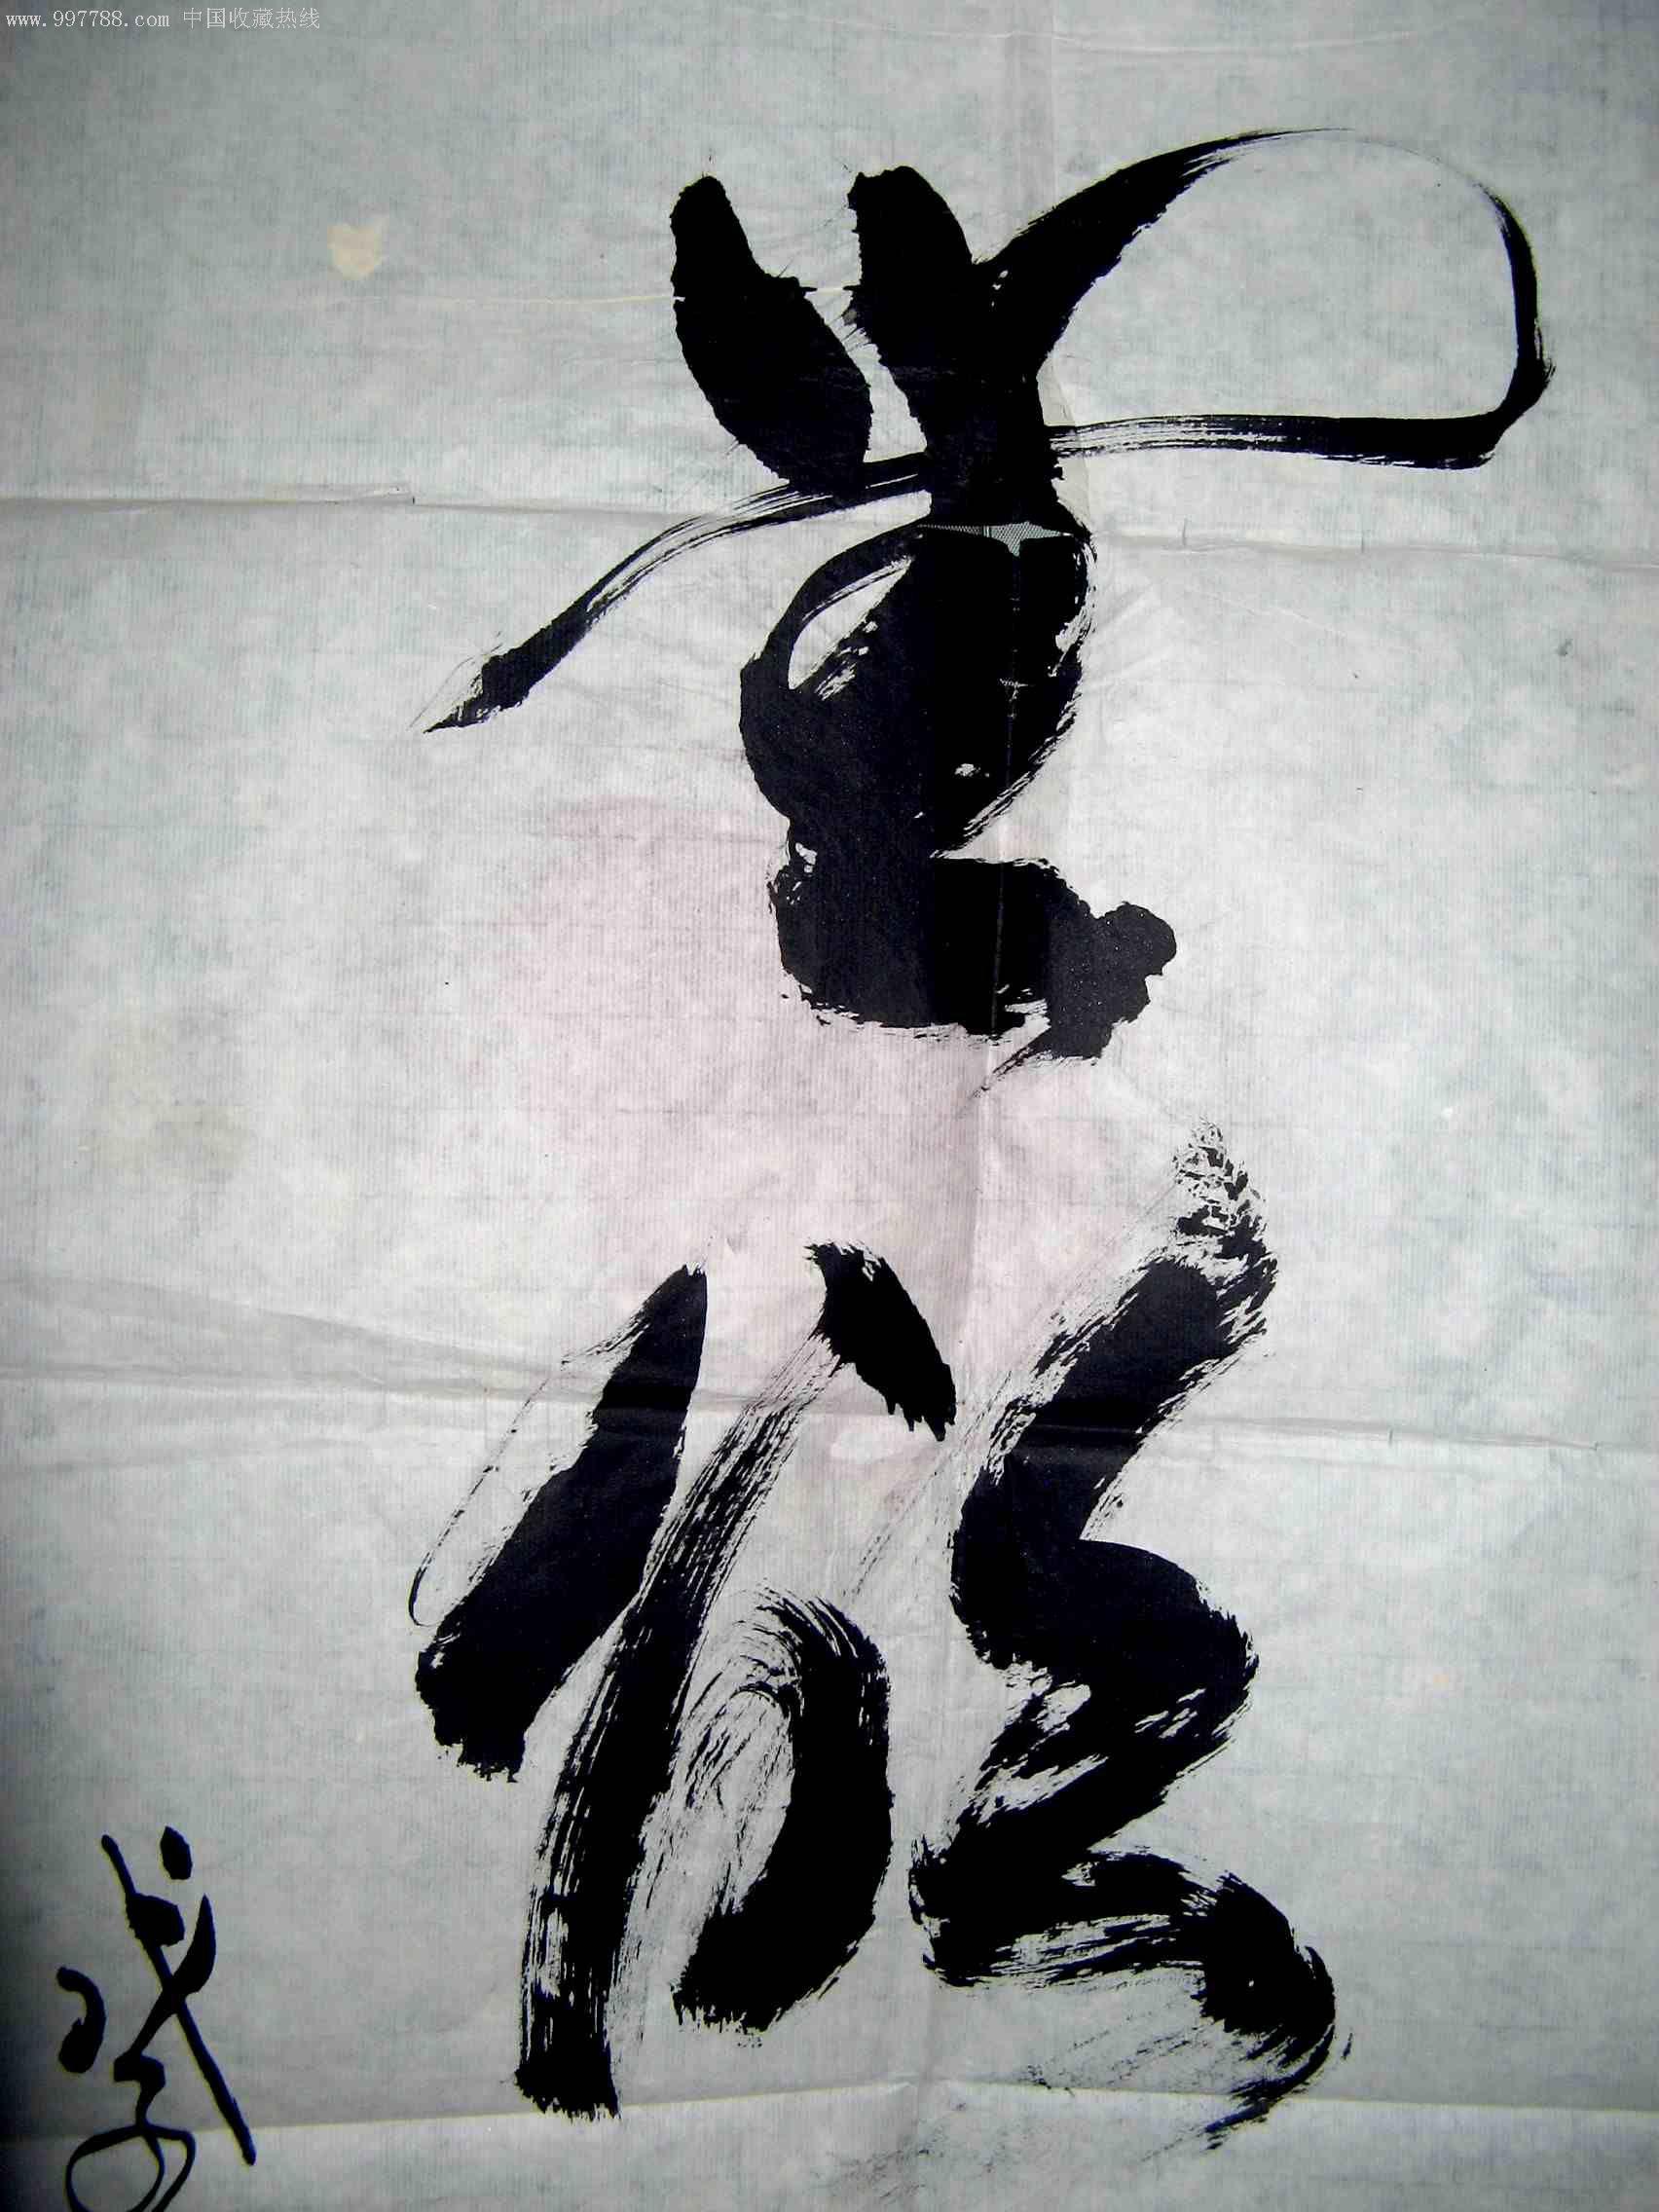 江西知名书法家大三尺条幅作品《无欲则刚》图片